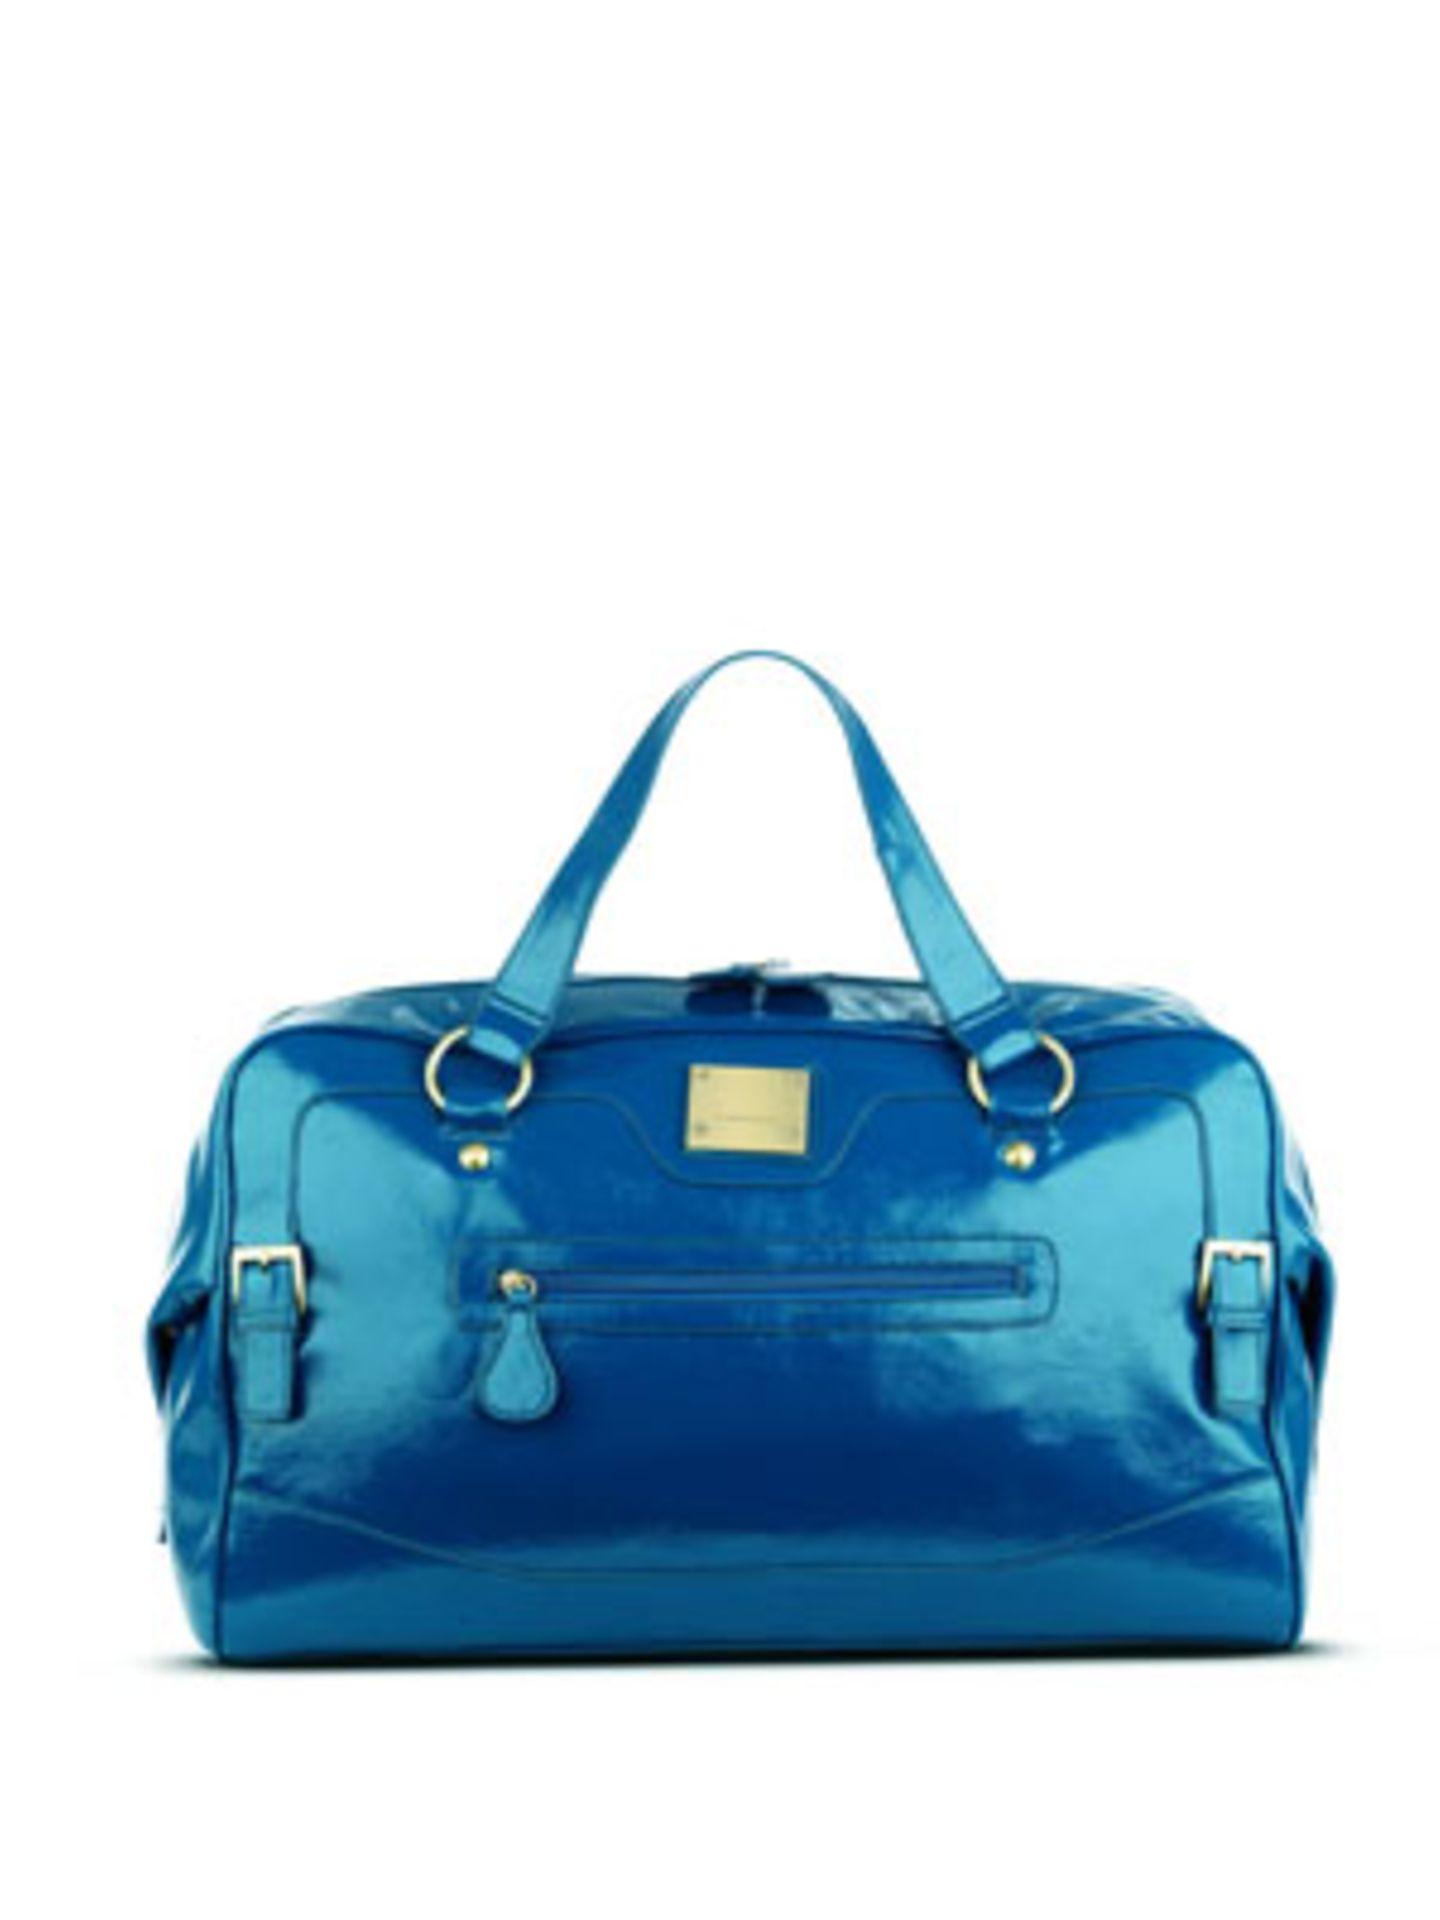 Geräumige Reisetasche im angesagten Metallic-Look von Fiorelli, um 115 Euro.